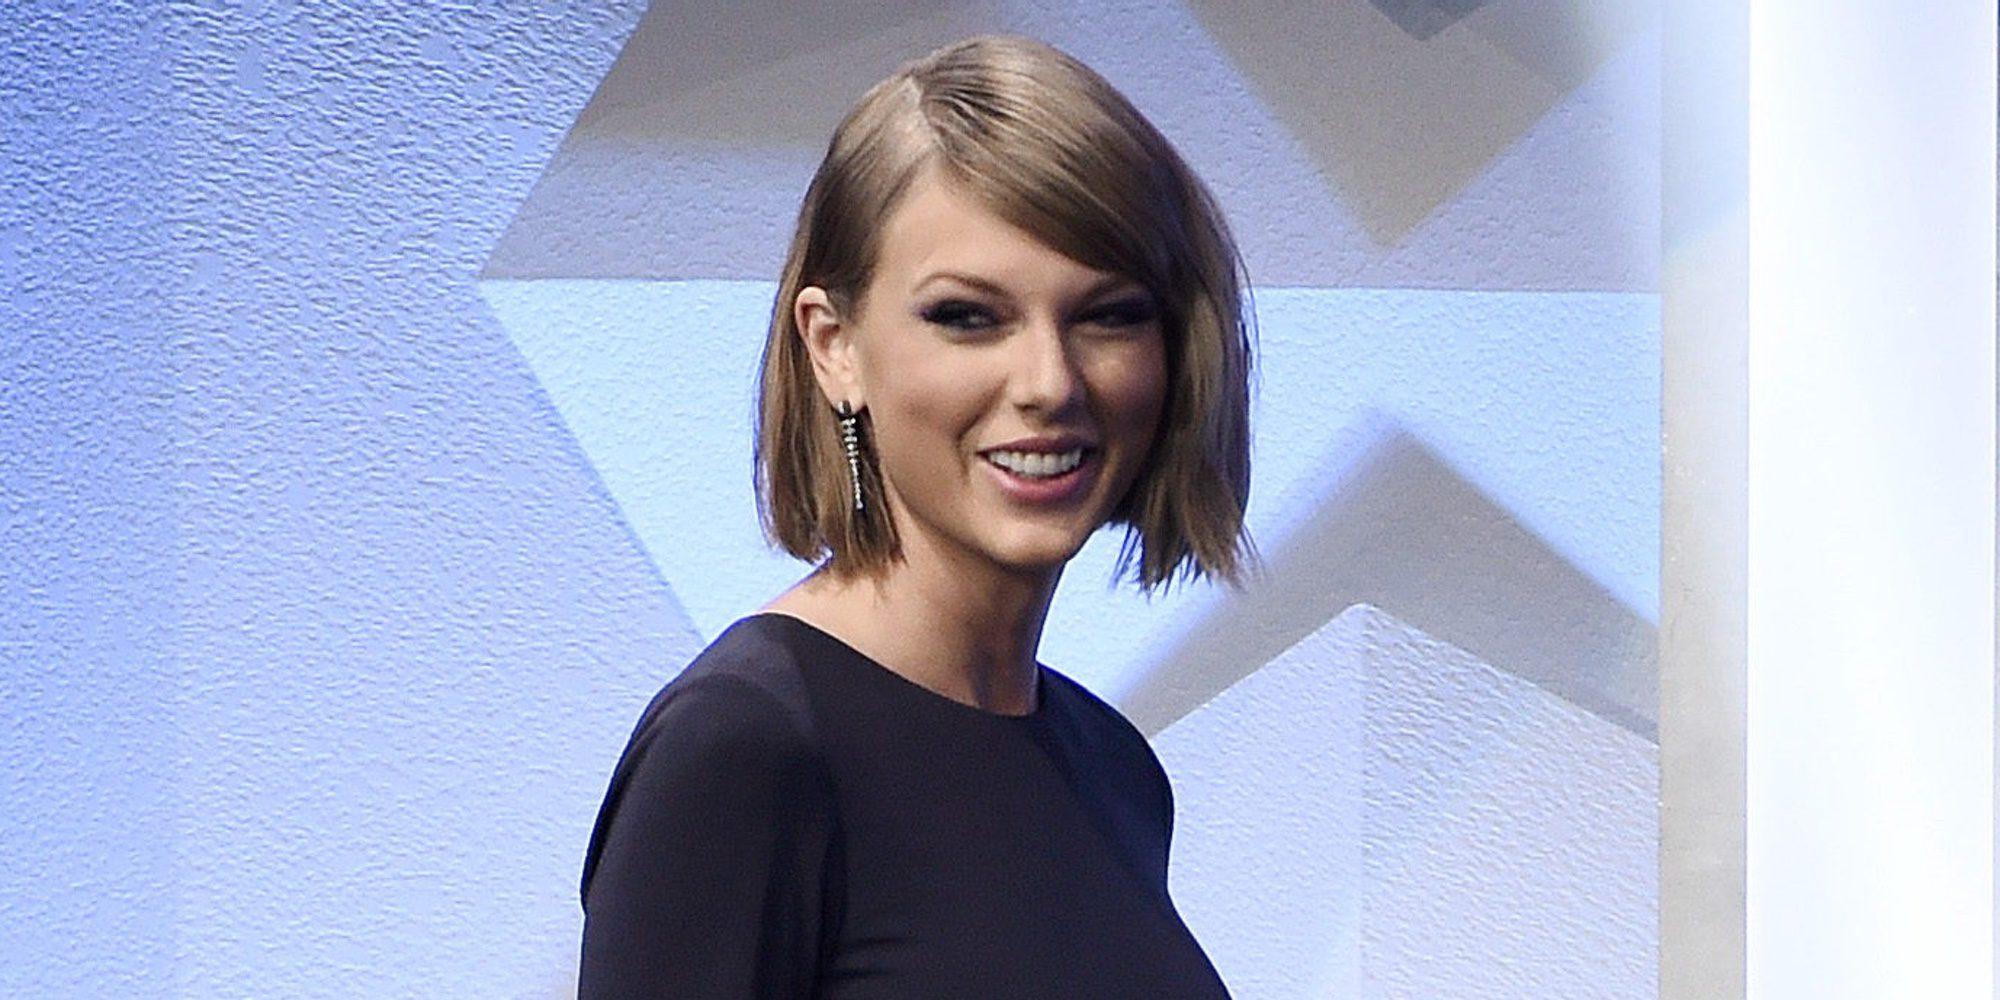 Taylor Swift gana el juicio contra el DJ que le acosó sexualmente